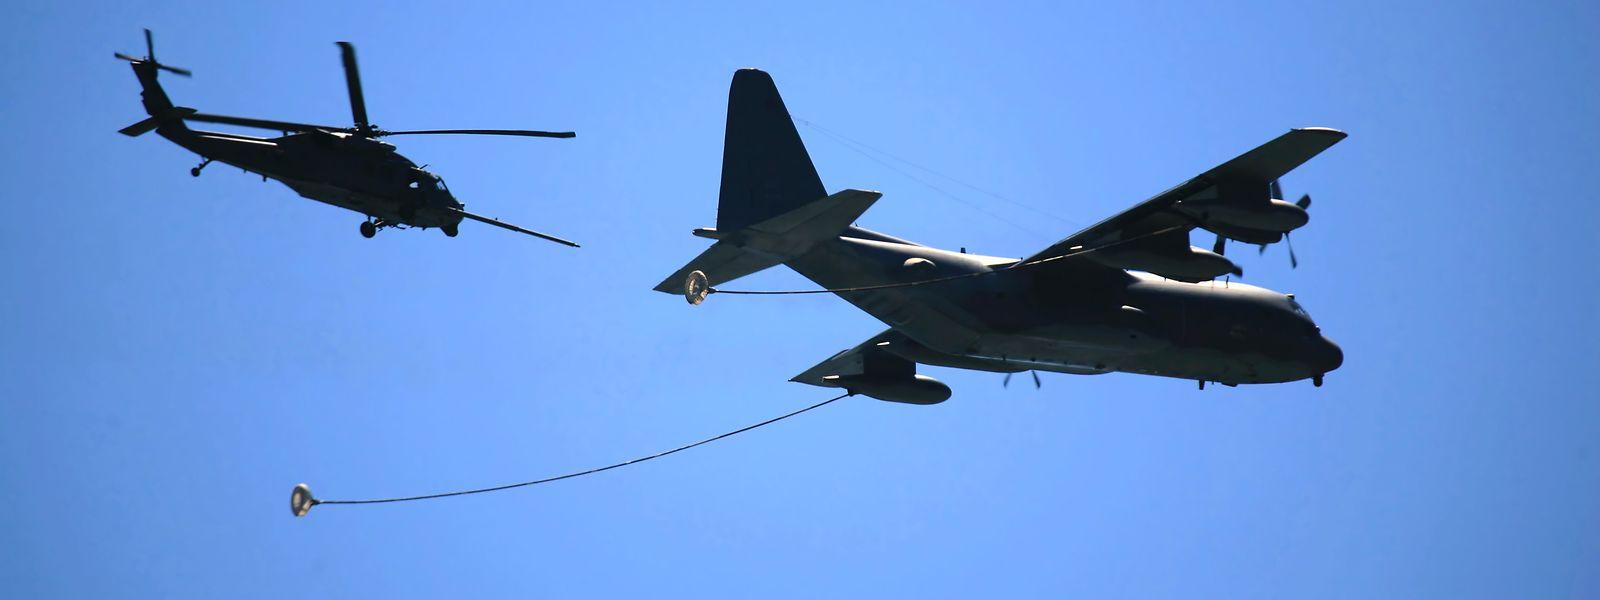 Le ravitailleur commandé par le Luxembourg pourrait alimenter l'A400 attendu en juin dans ses missions au long cours.